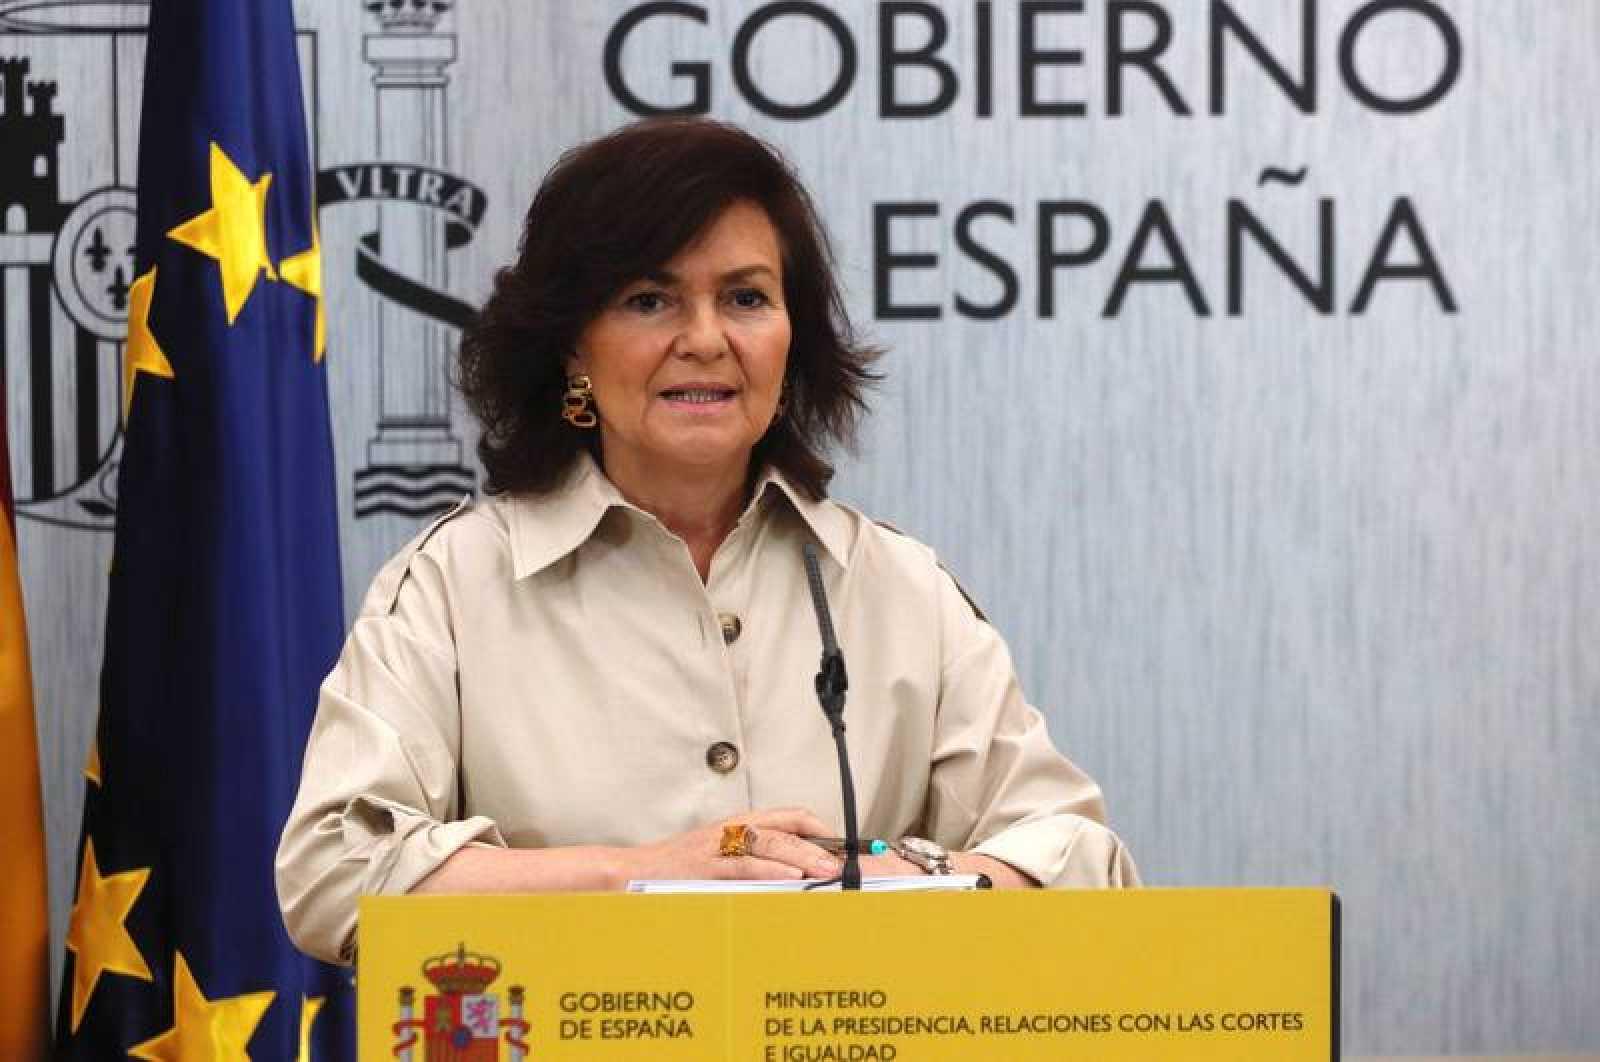 La vicepresidenta del Gobierno, Carmen Calvo, durante la rueda de prensa.